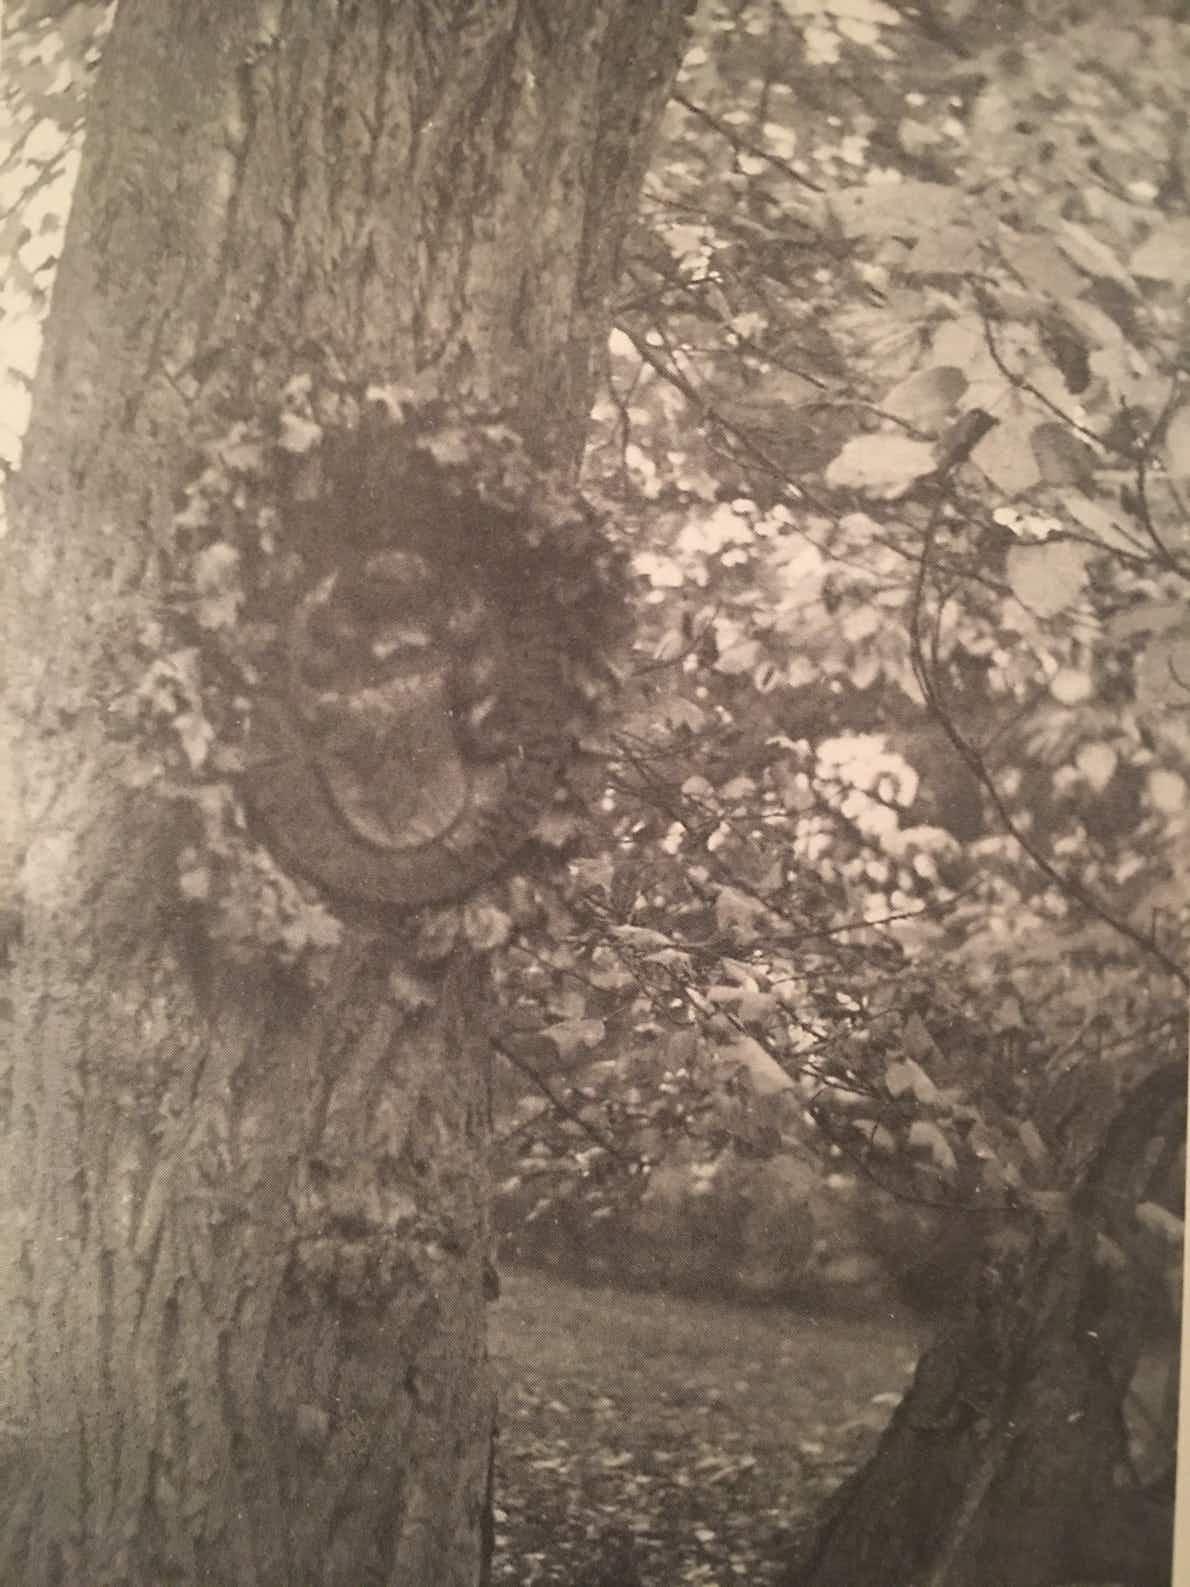 5 Wappenplatte im Trebbower Park, von Schulenburgs Schwester Tisa angefertigt und am 5. September 1944, seinem Geburtstag, angebracht. Name, Geburts- und Todesdatum wurden von einem Kranz bedeckt.